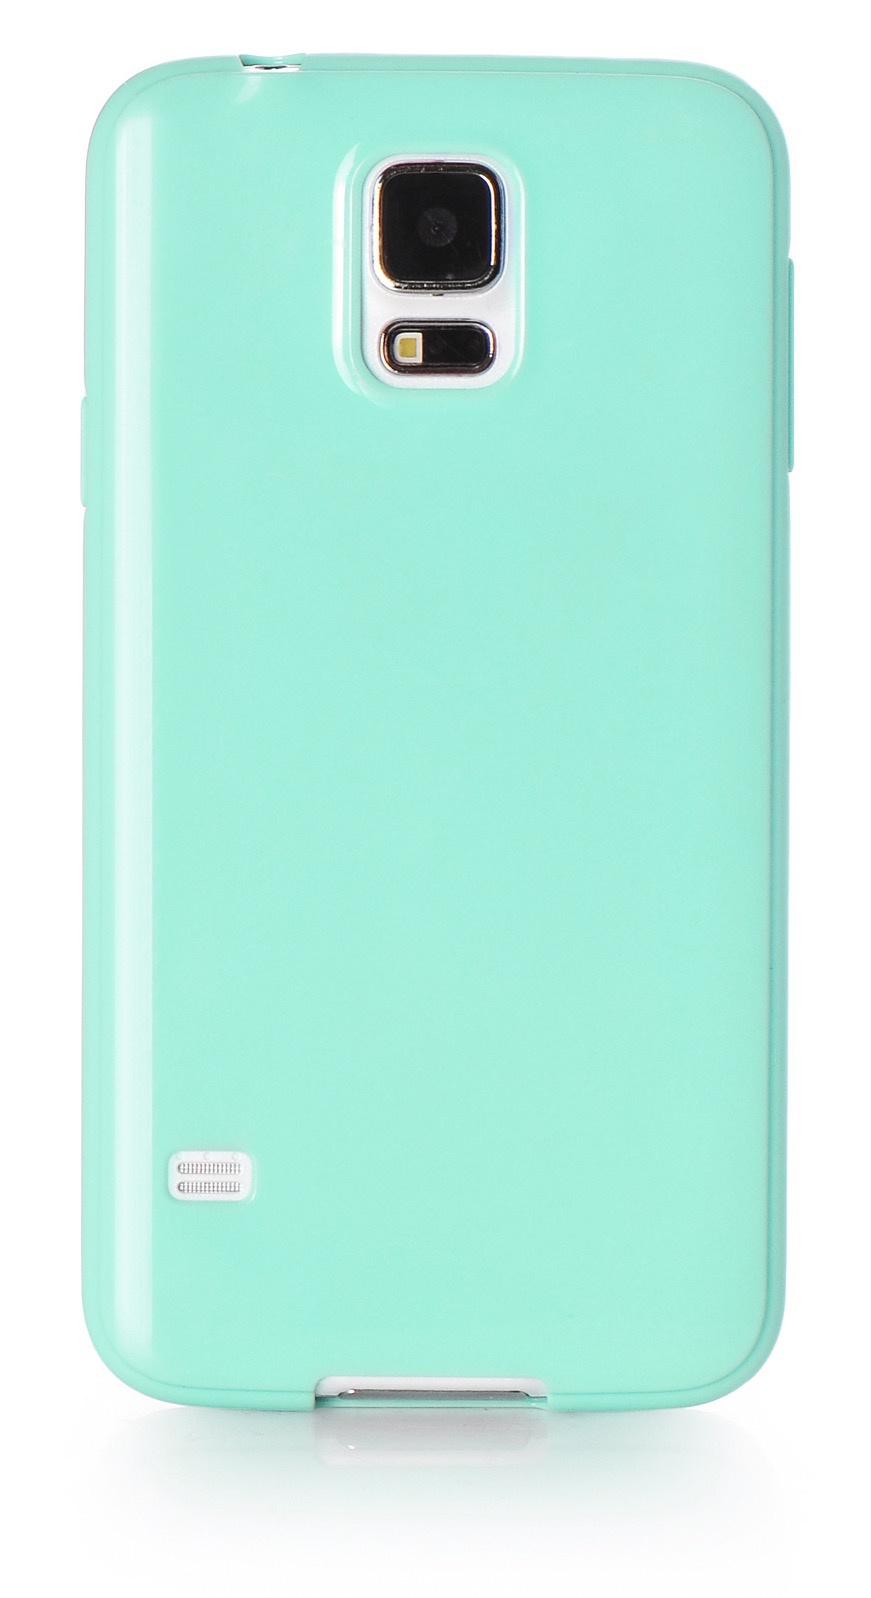 Чехол для сотового телефона iNeez накладка силикон мыльница 530089 для Samsung Galaxy S5, светло-зеленый